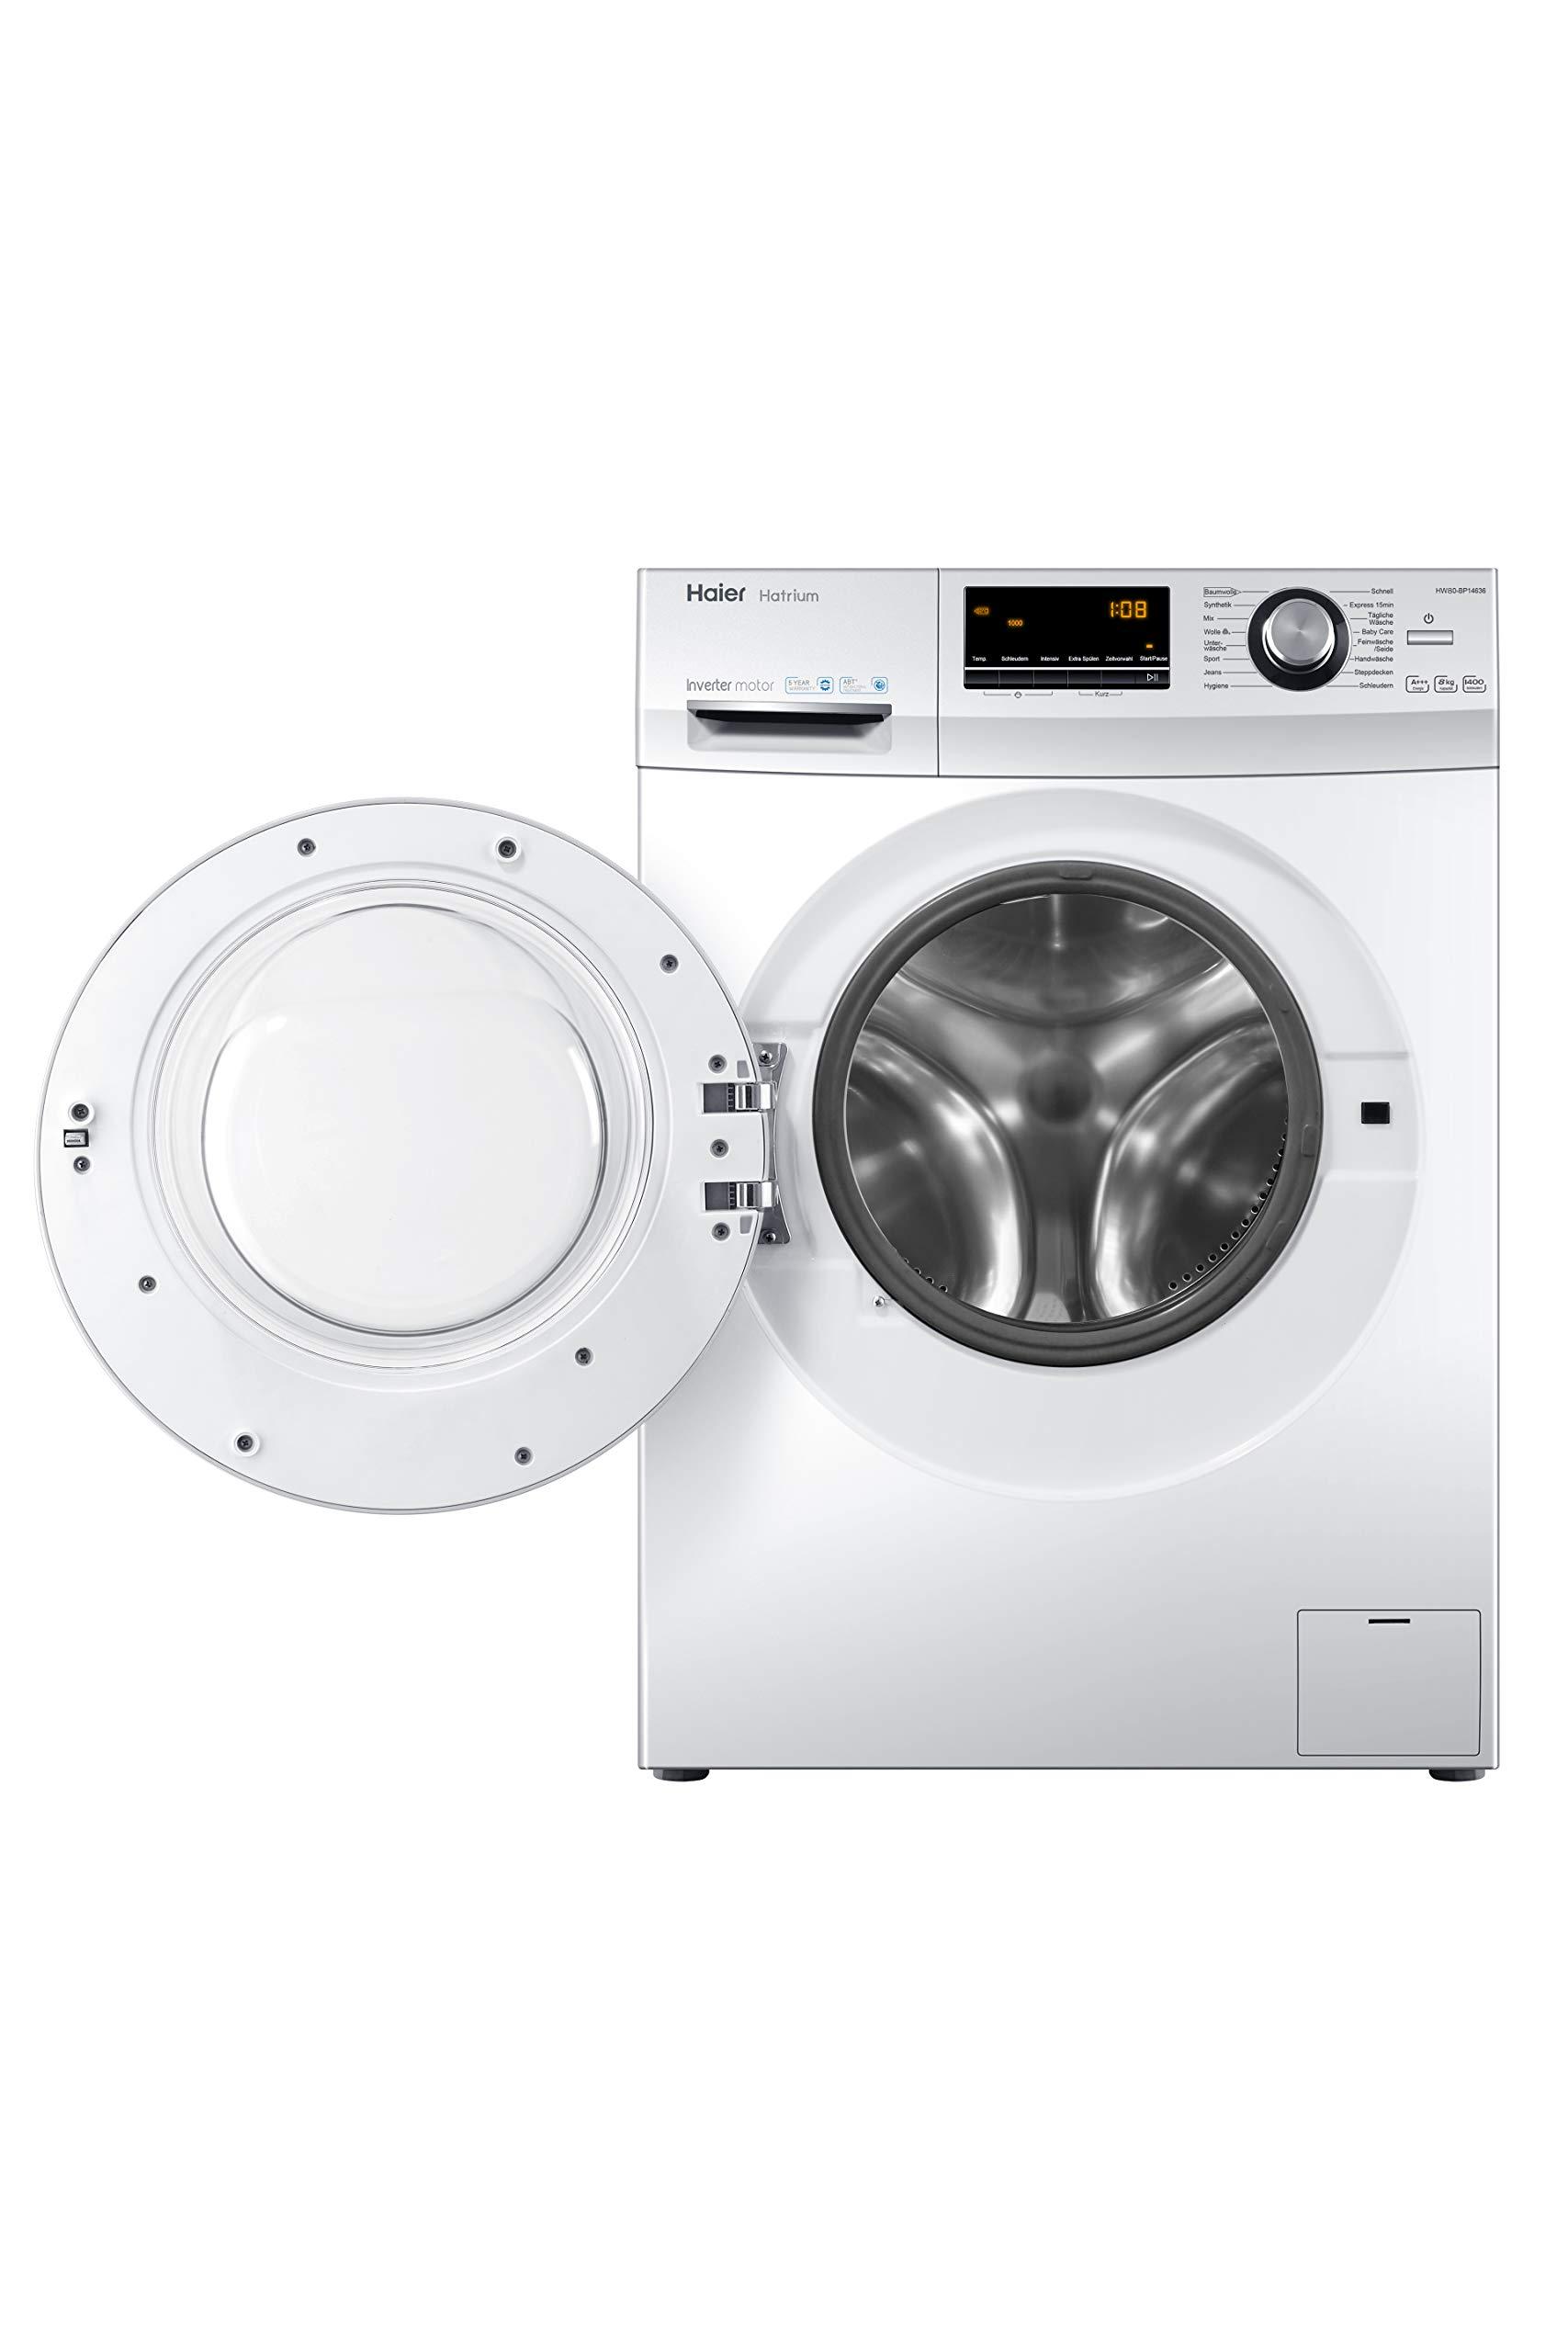 Haier-HW80-BP14636-Waschmaschine-Frontlader-A-8-kg-1400-UpM-Vollwasserschutz-Wei